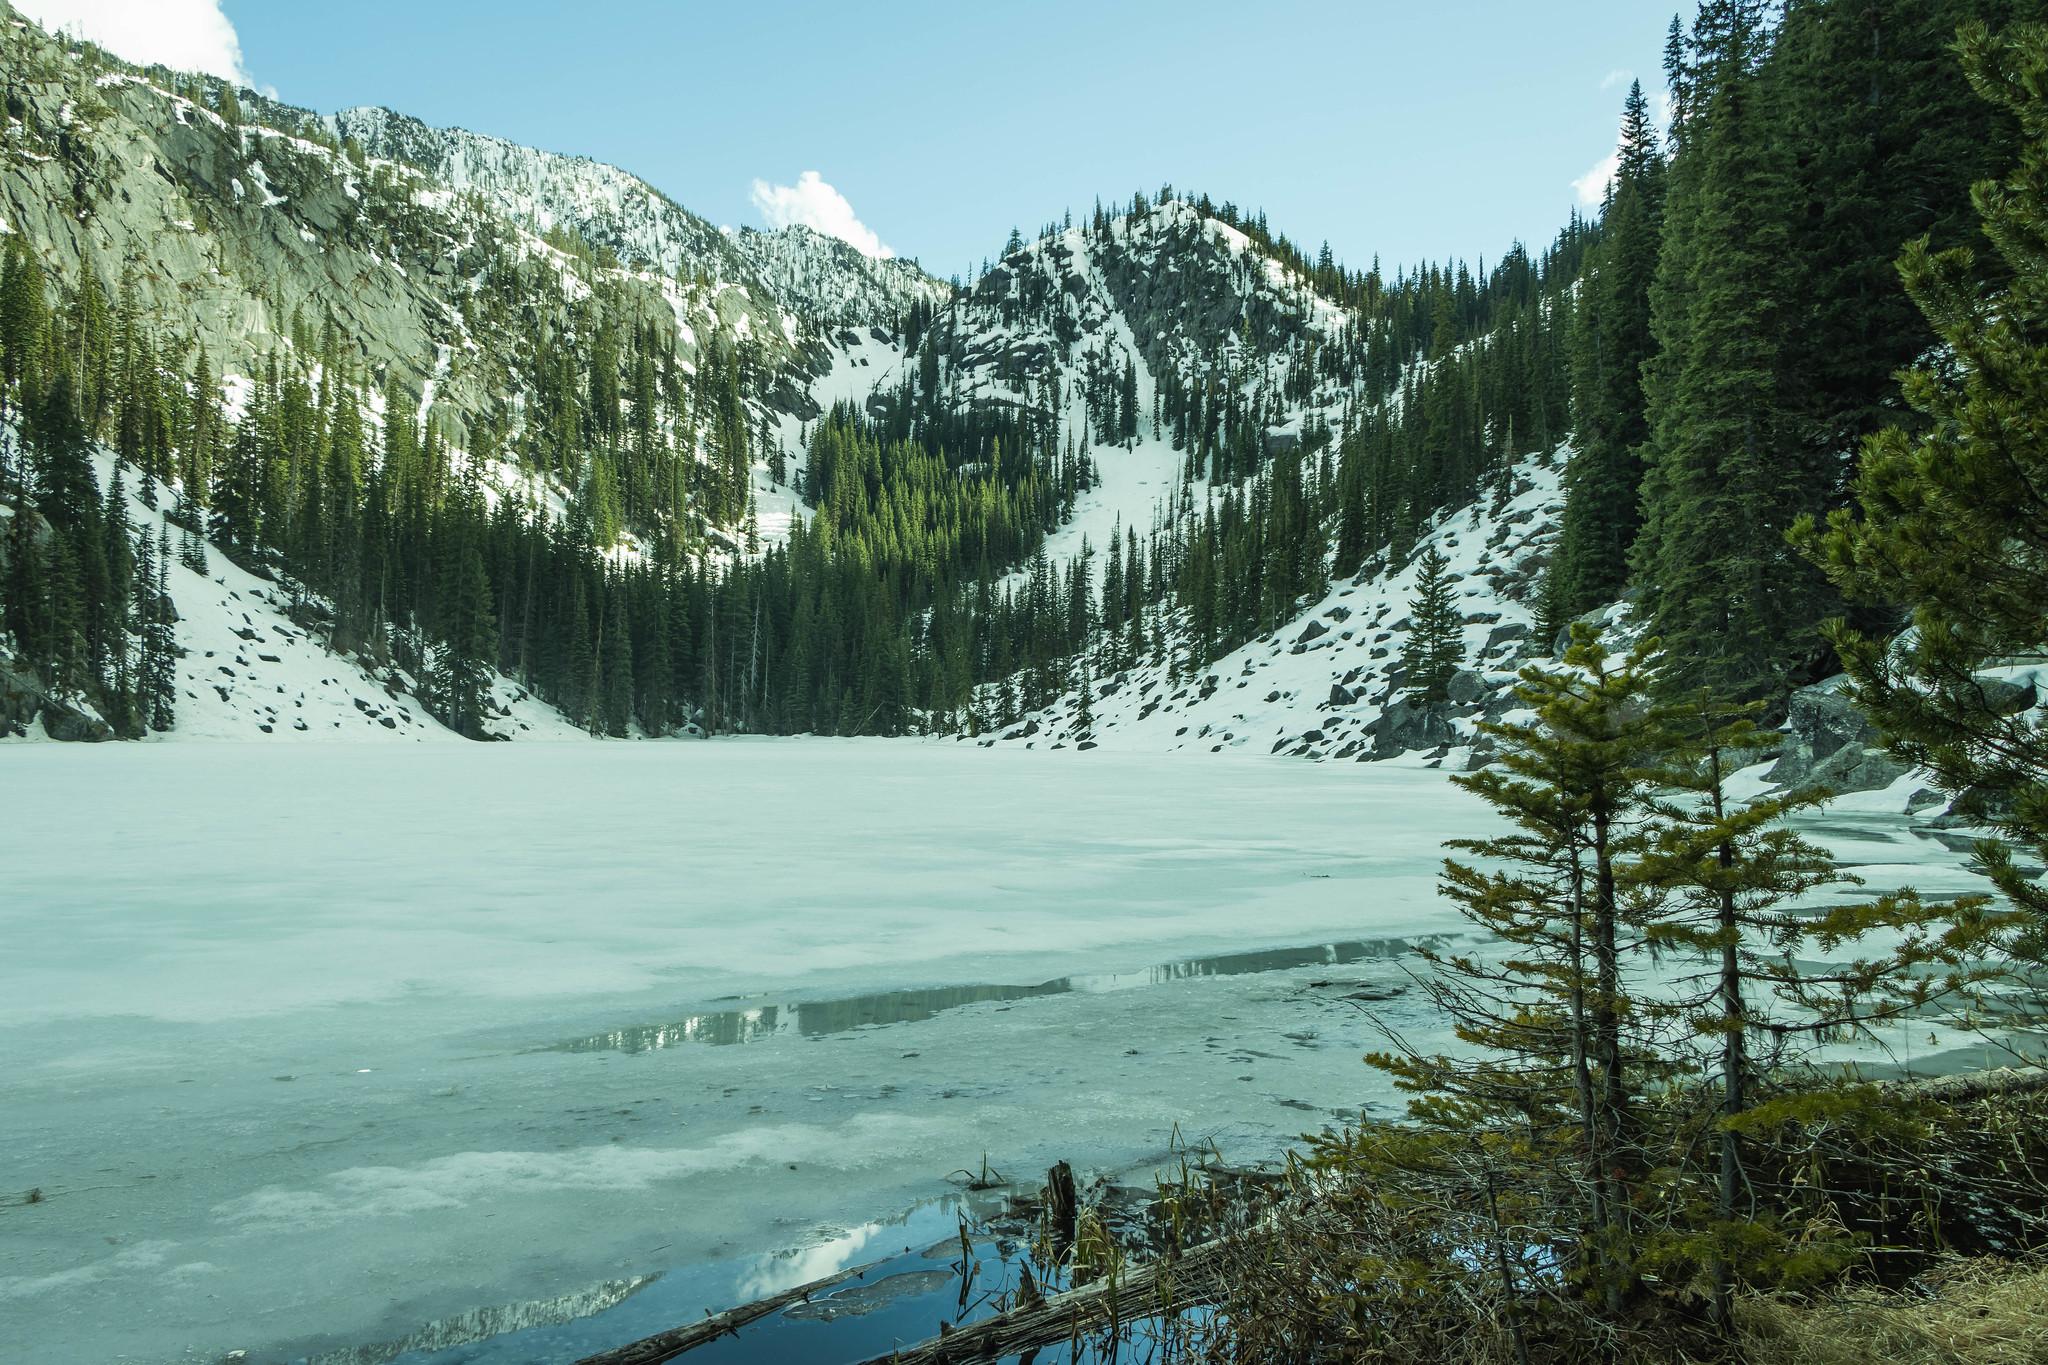 Back to Nada Lake